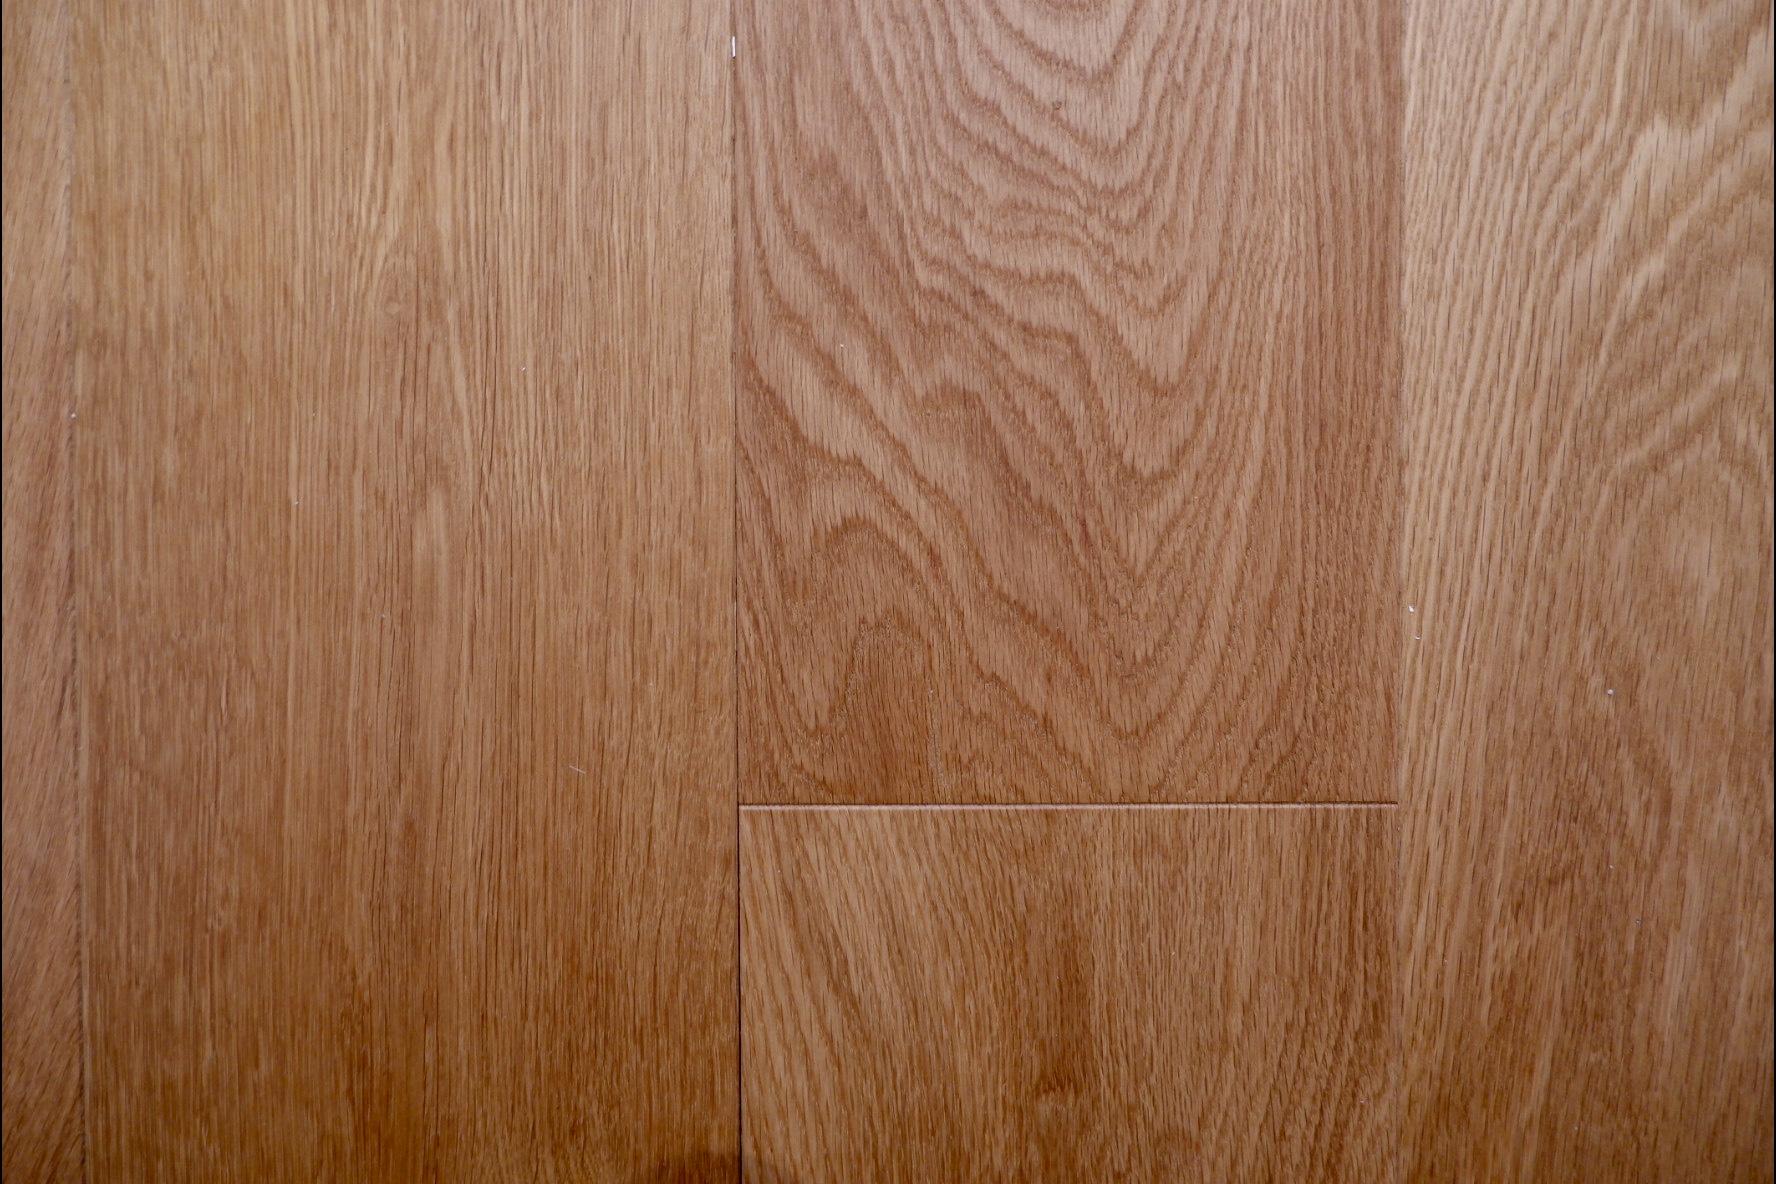 肌触りも良く、賃貸ではなかなか味わえない床材を使用。いつでも素足で過ごしたくなるような。そんな心地よさが魅力の一つ。当日実際に触ってみて感じてくださいね。